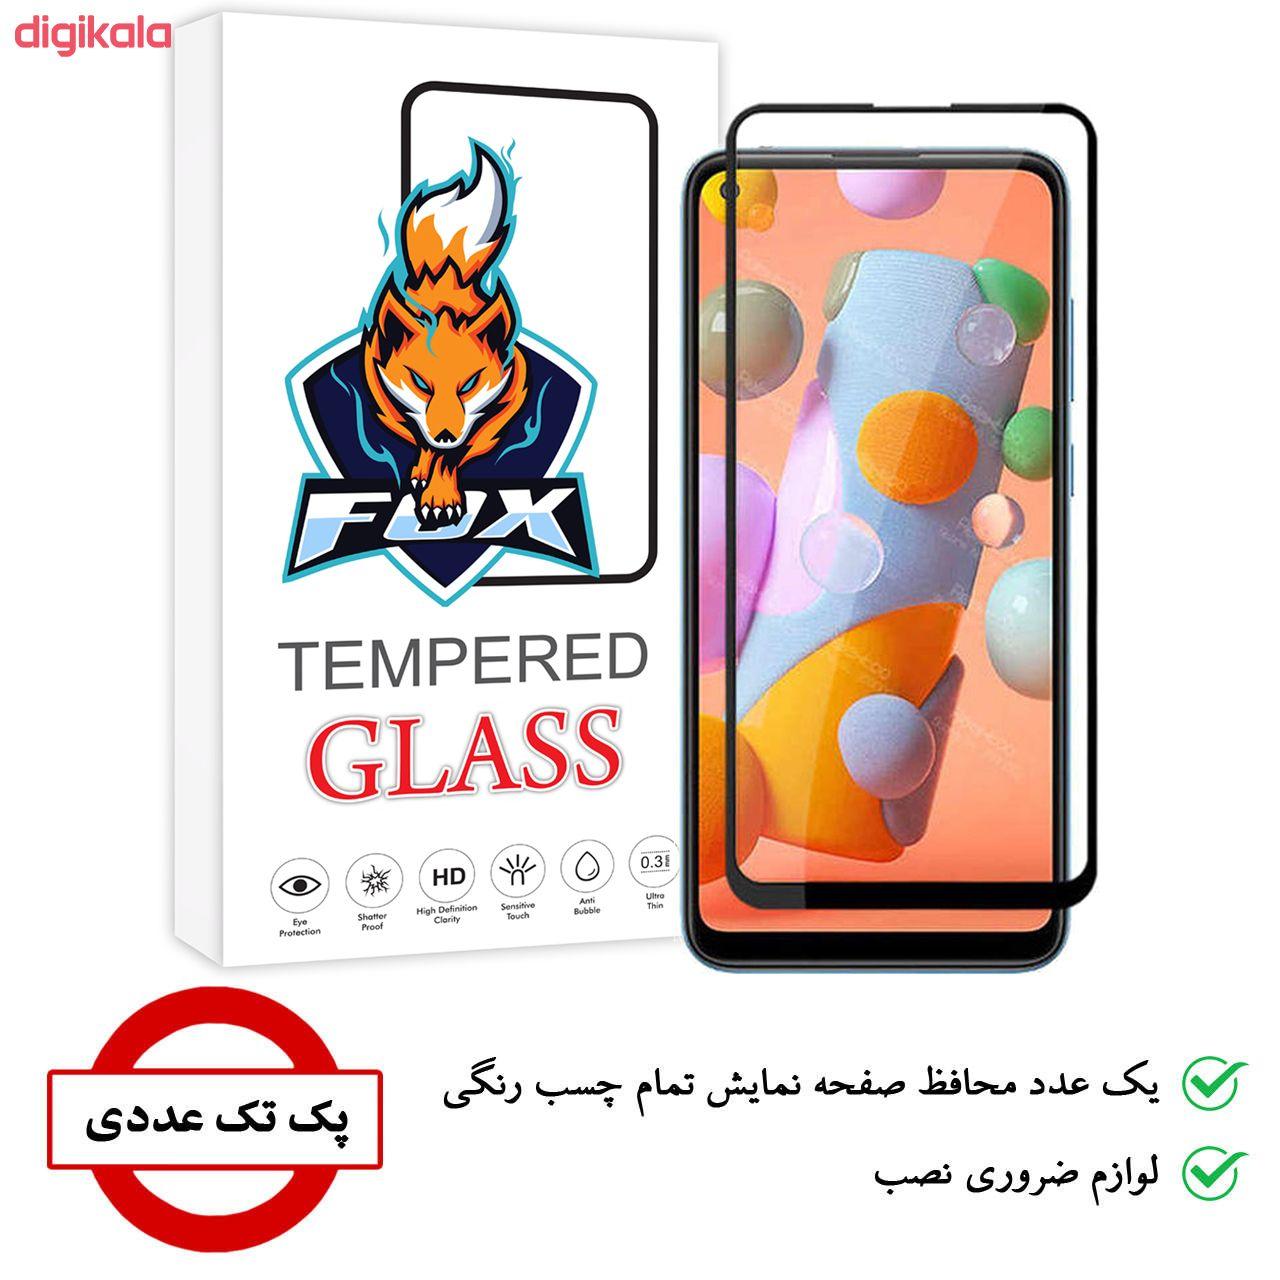 محافظ صفحه نمایش فوکس مدل PT001 مناسب برای گوشی موبایل سامسونگ Galaxy A11 main 1 1